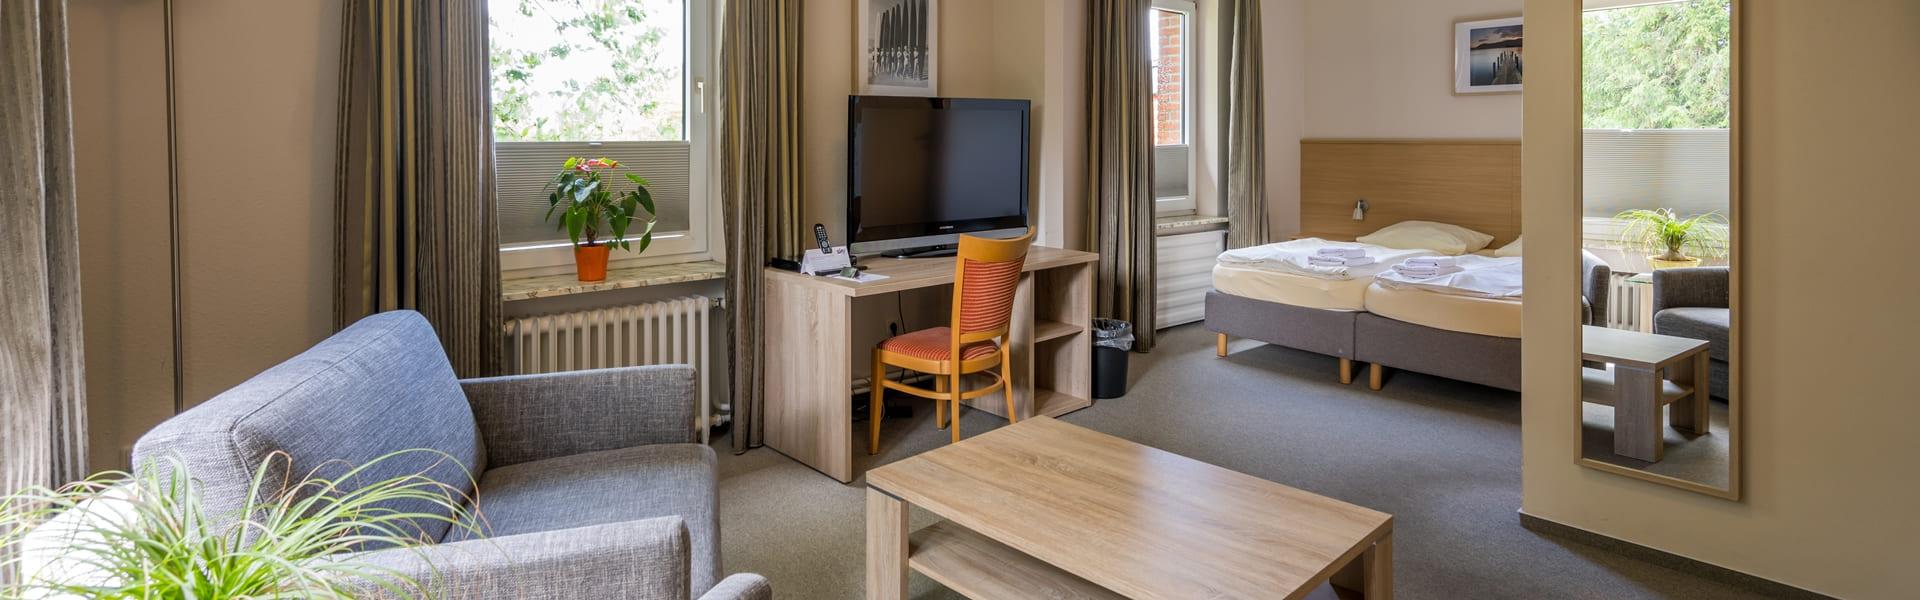 Dreibett-Zimmer mit Aufbettung Hotel Catharinenberg